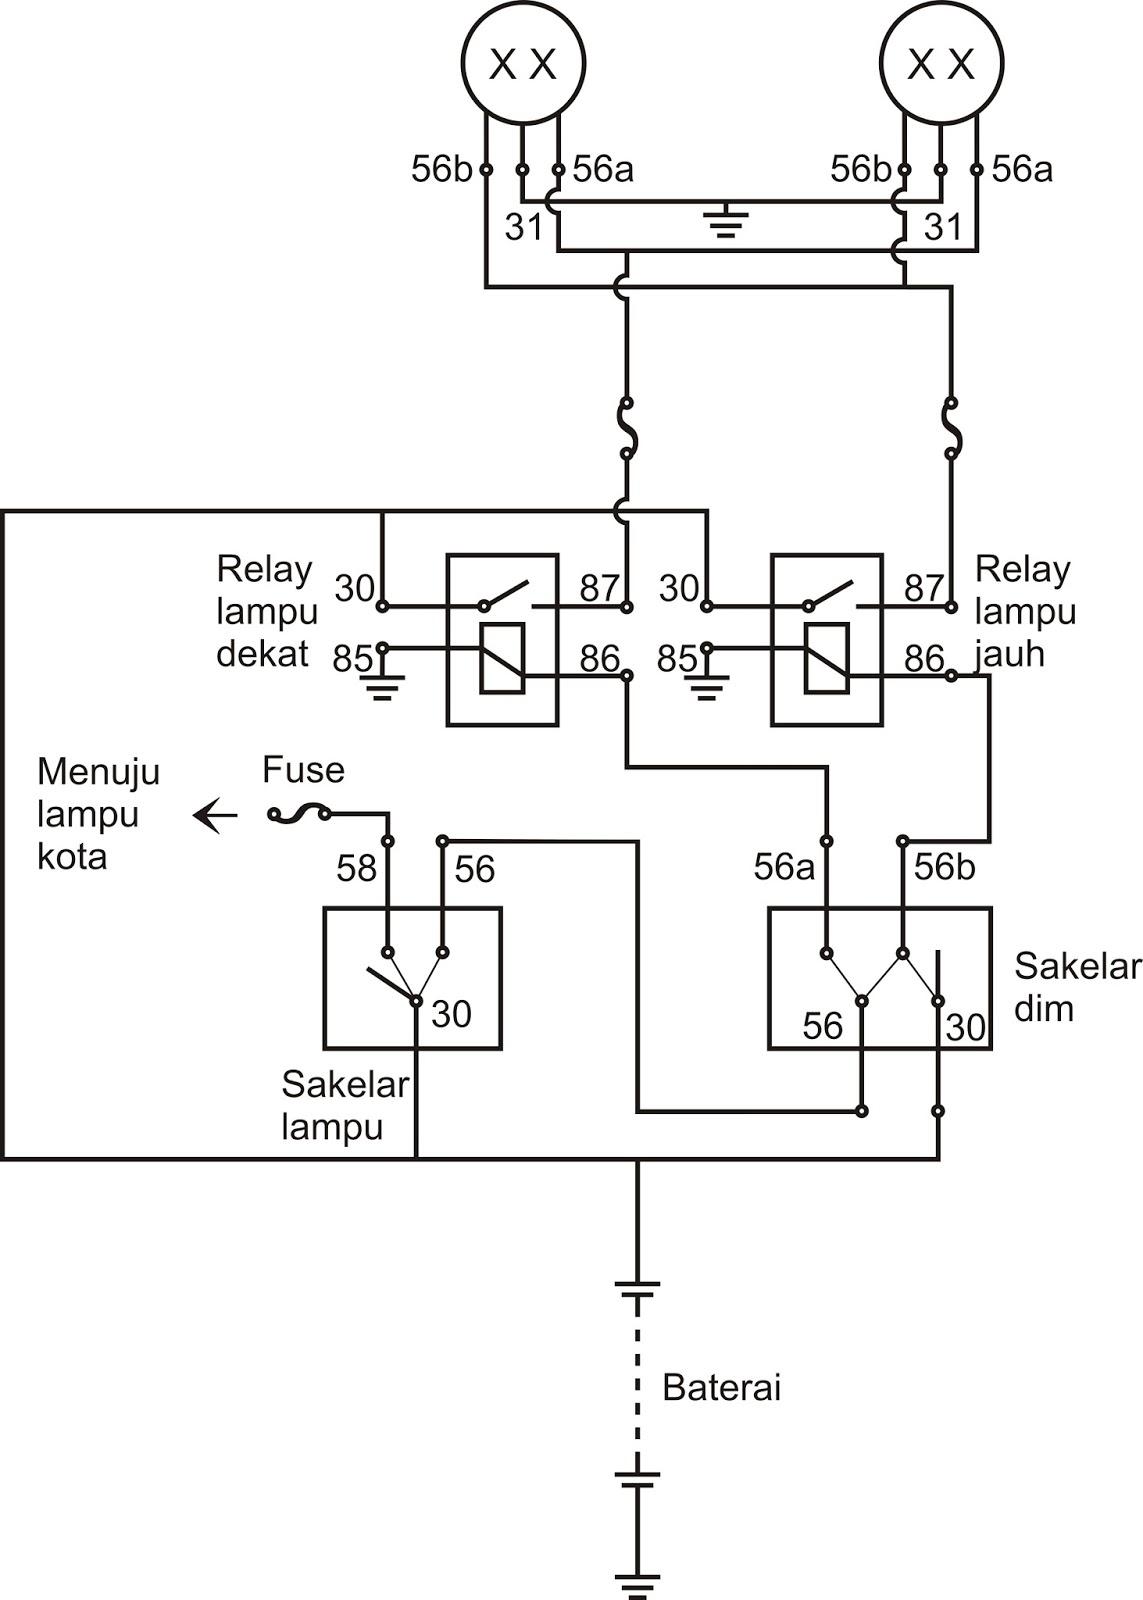 download koleksi 93 gambar wering diagram sistem penerangan sepeda motor honda terlengkap [ 1143 x 1600 Pixel ]